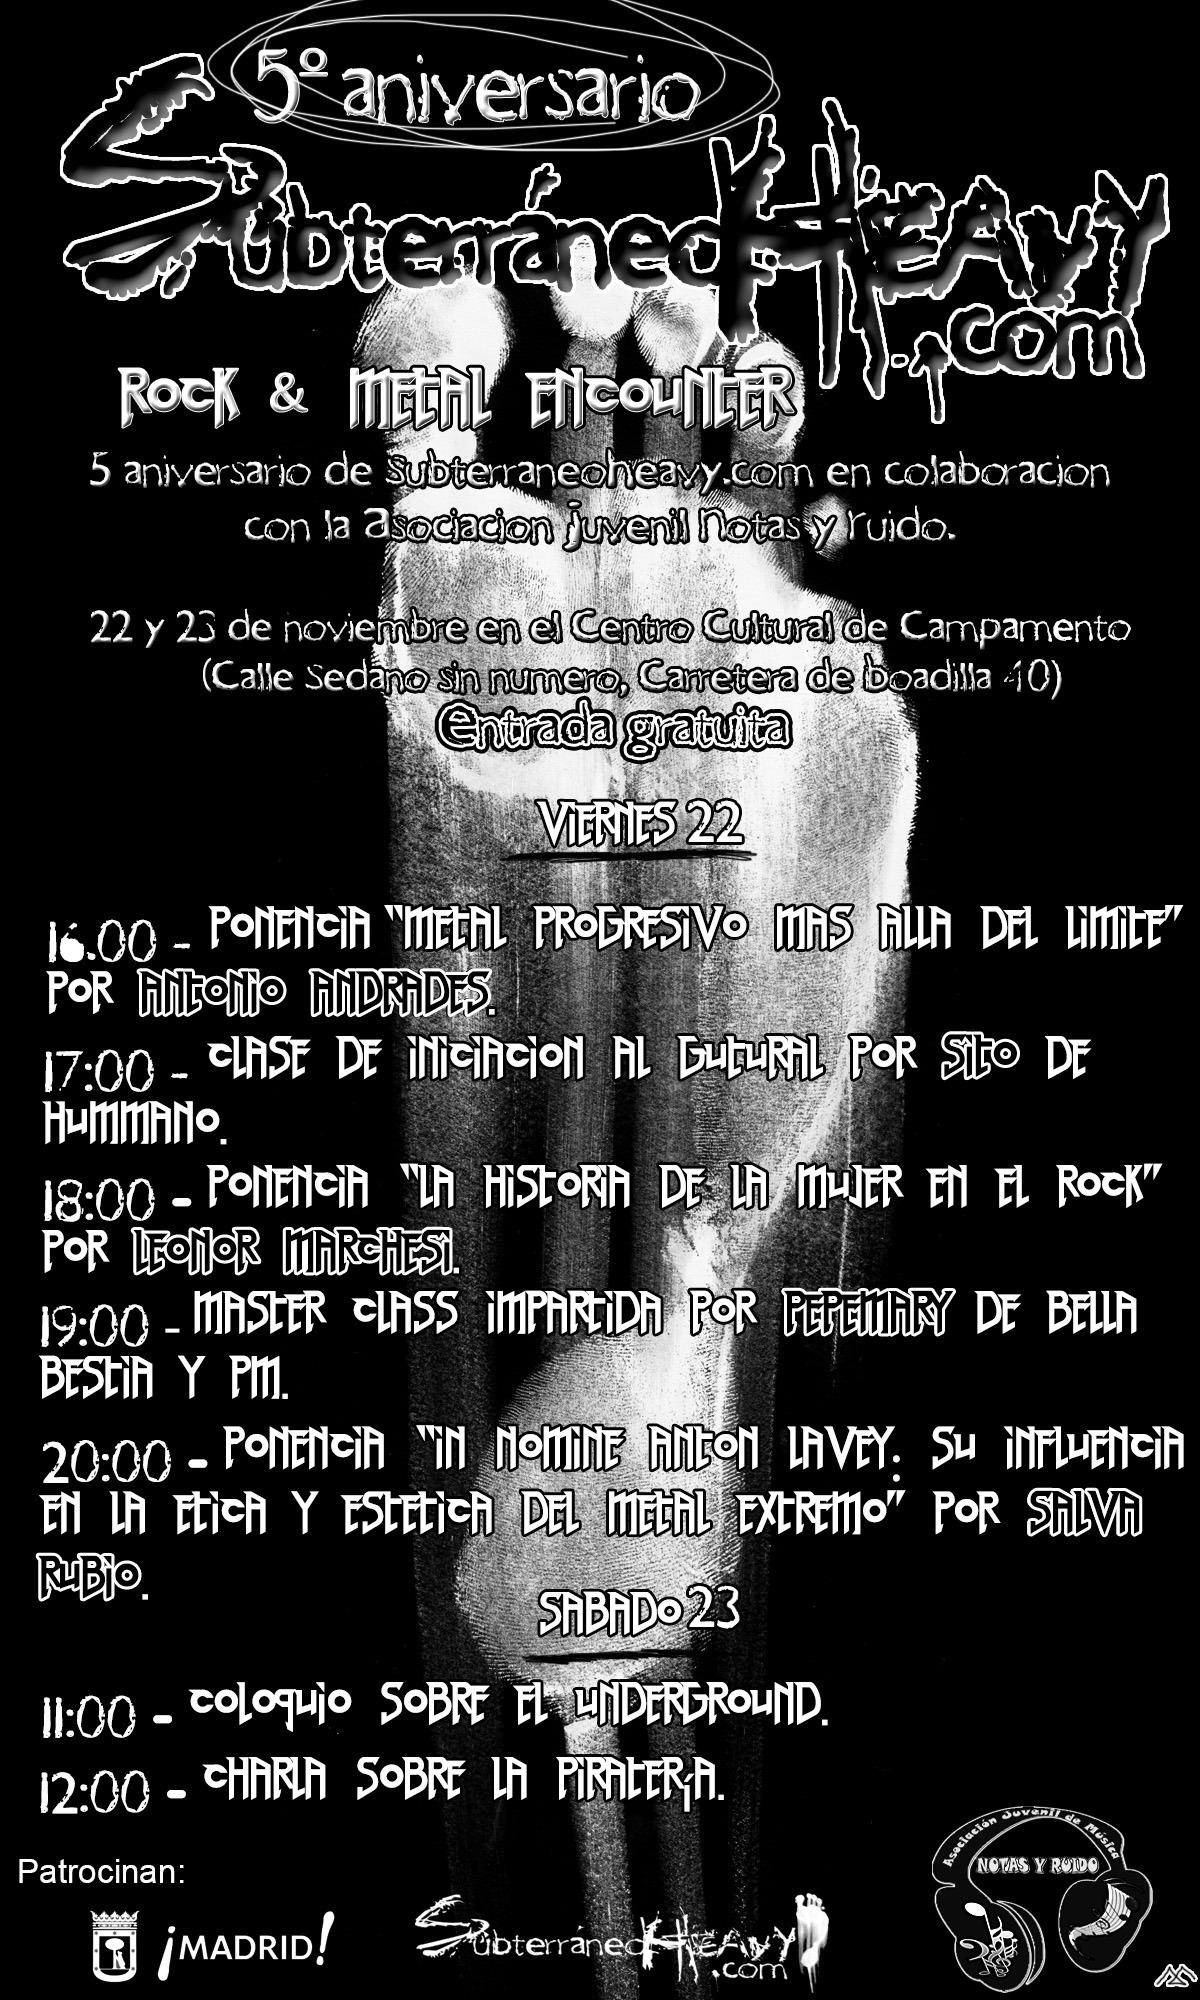 5to Aniversario de Subterráneo Heavy – Viernes 22 de noviembre